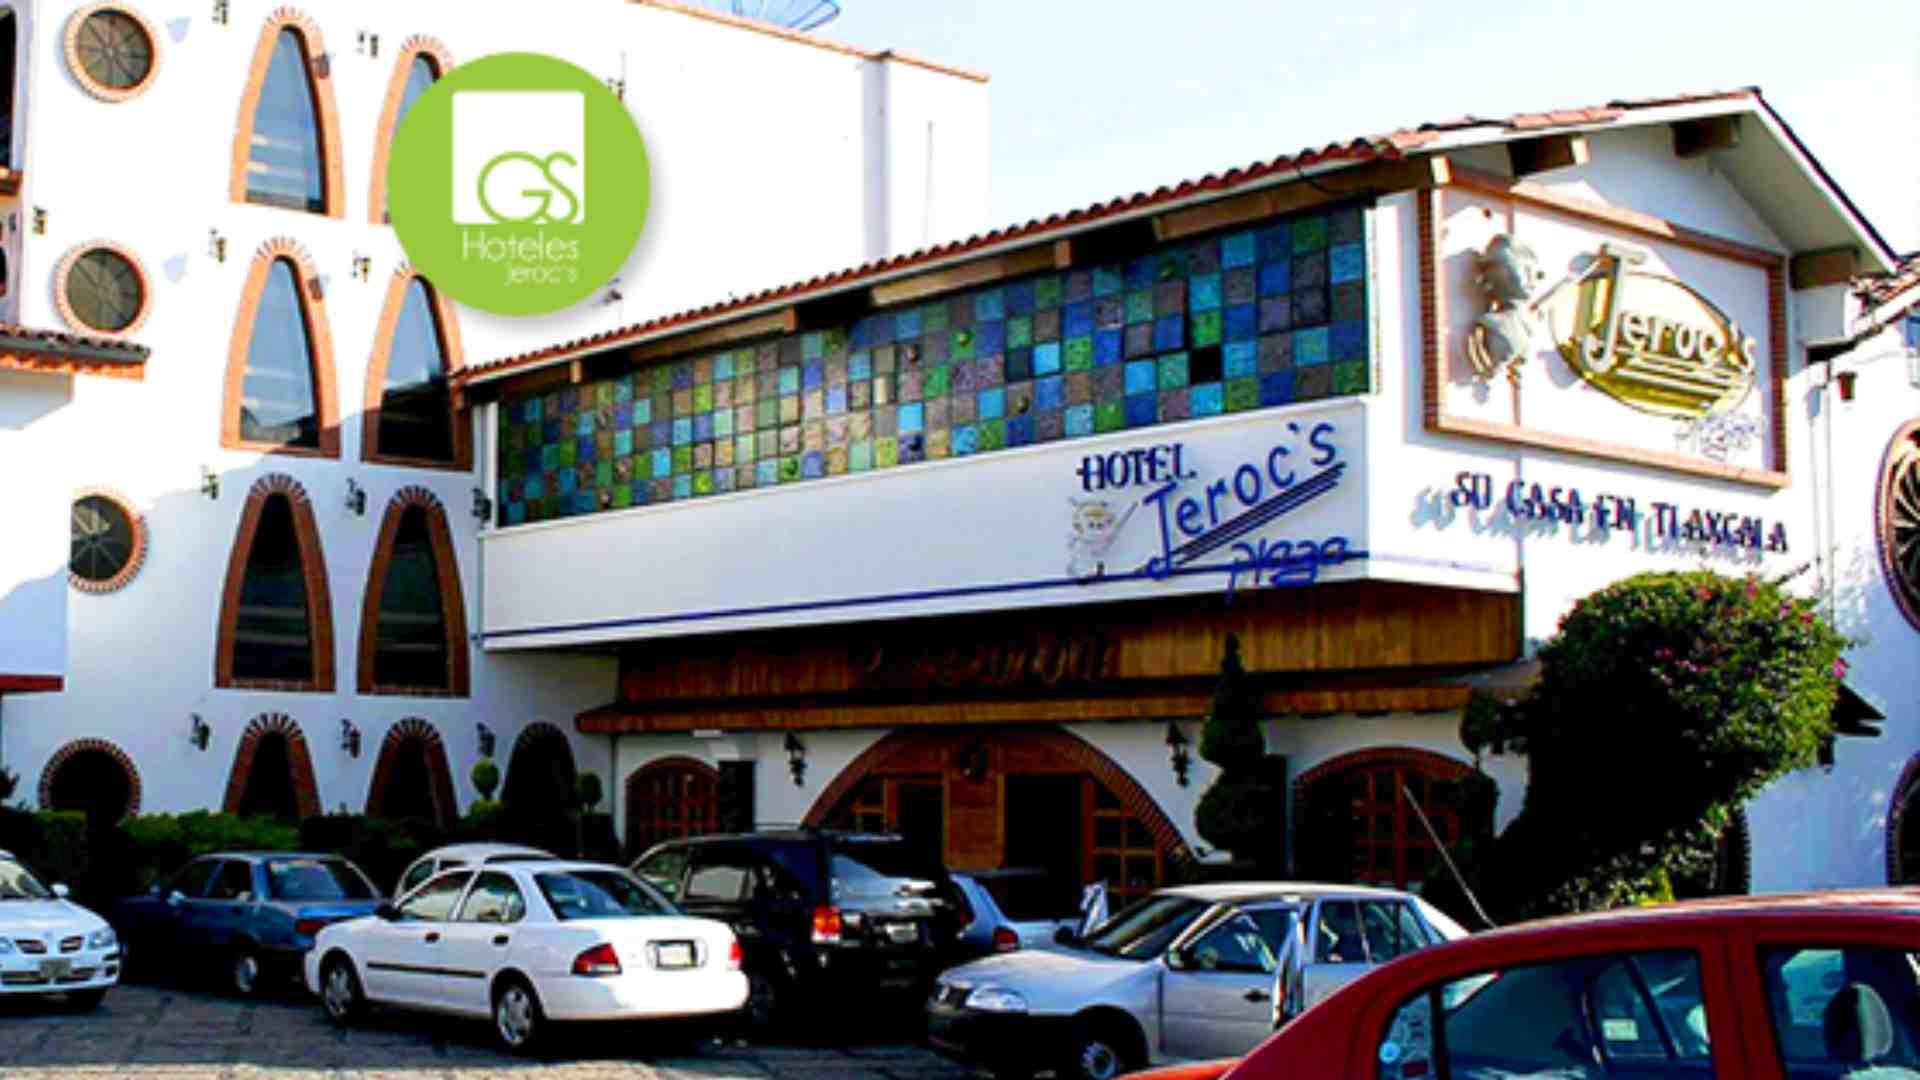 evento-Jeroc's-Hotel-Fraude-tarjetas de crédito-tarjetas bancarias